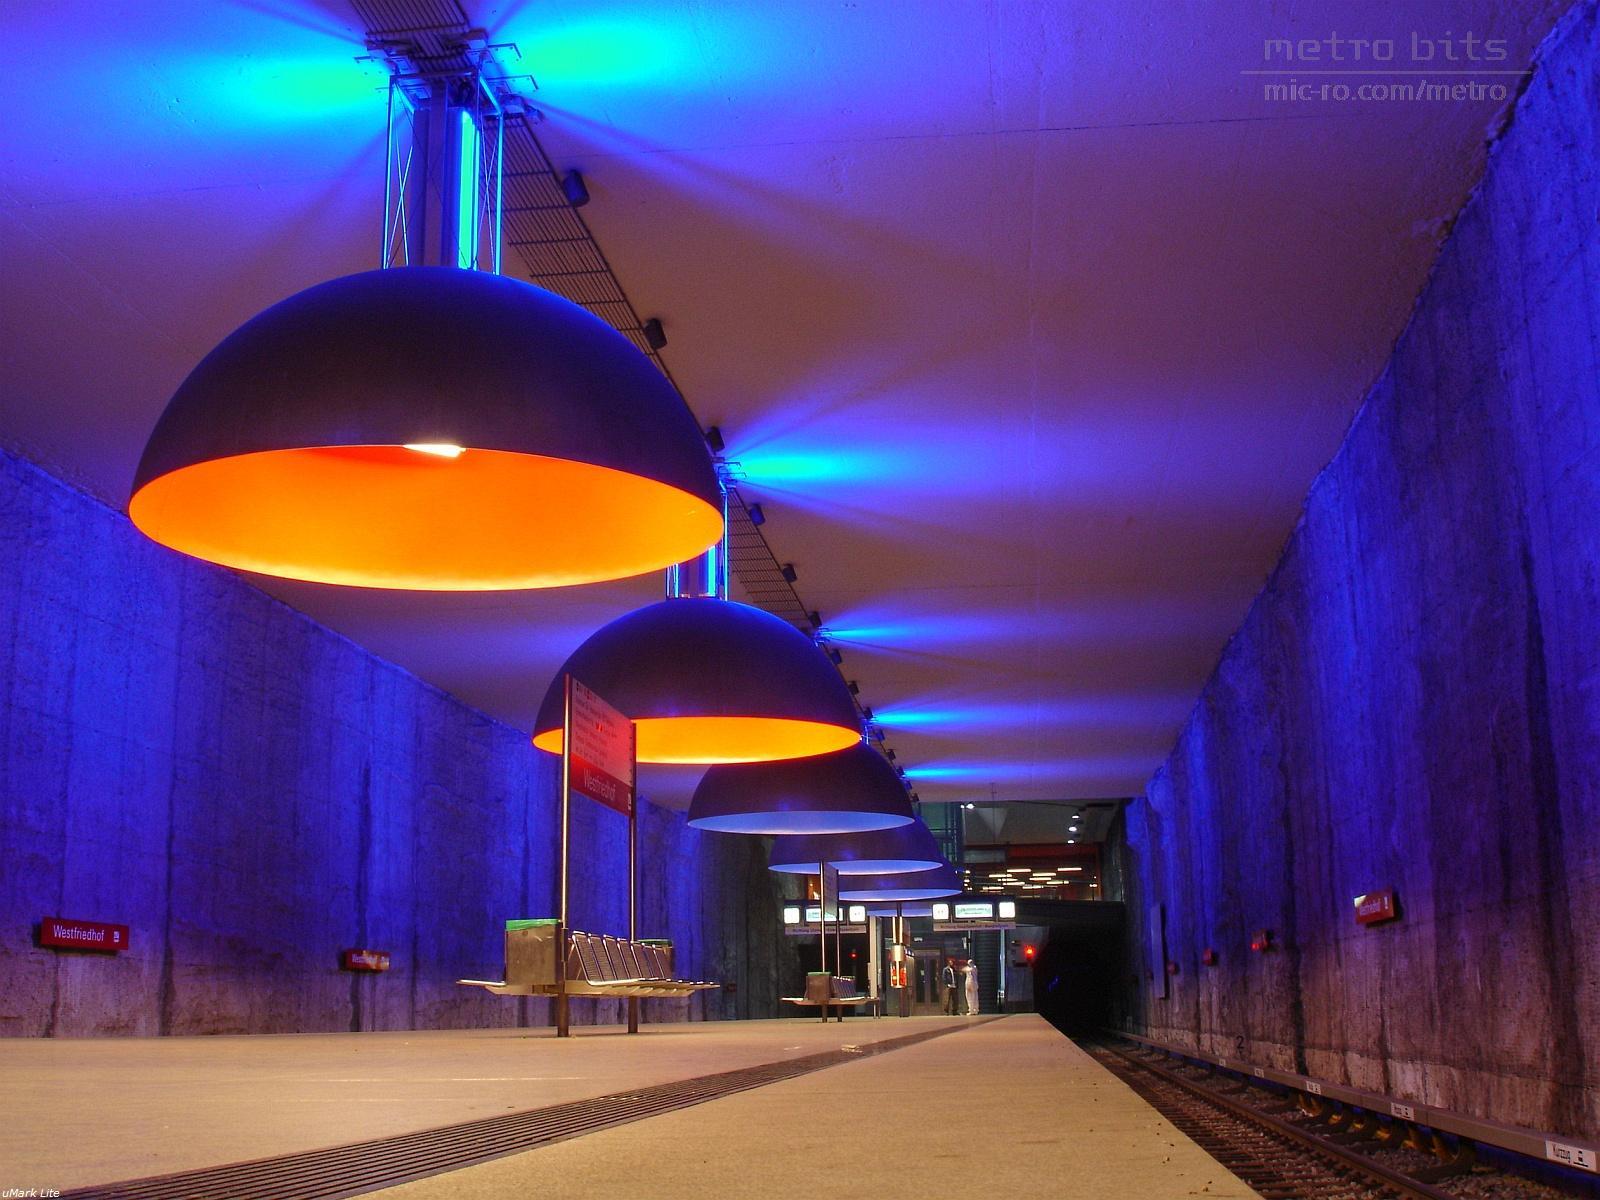 metrobits-wallpaper-munich.jpg